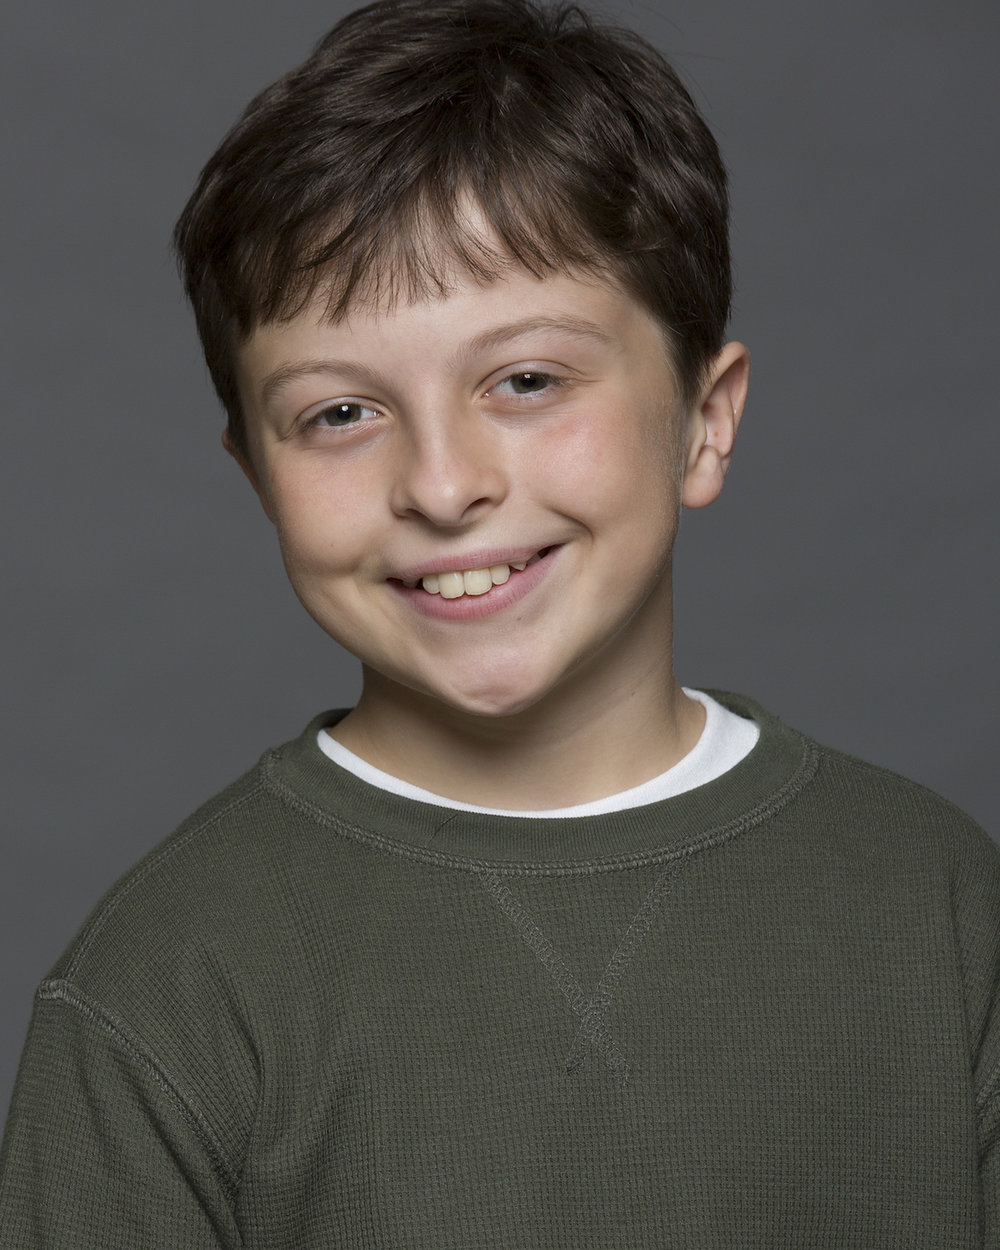 Holden Goyette (adolescent les) - Holden Goyette, who plays